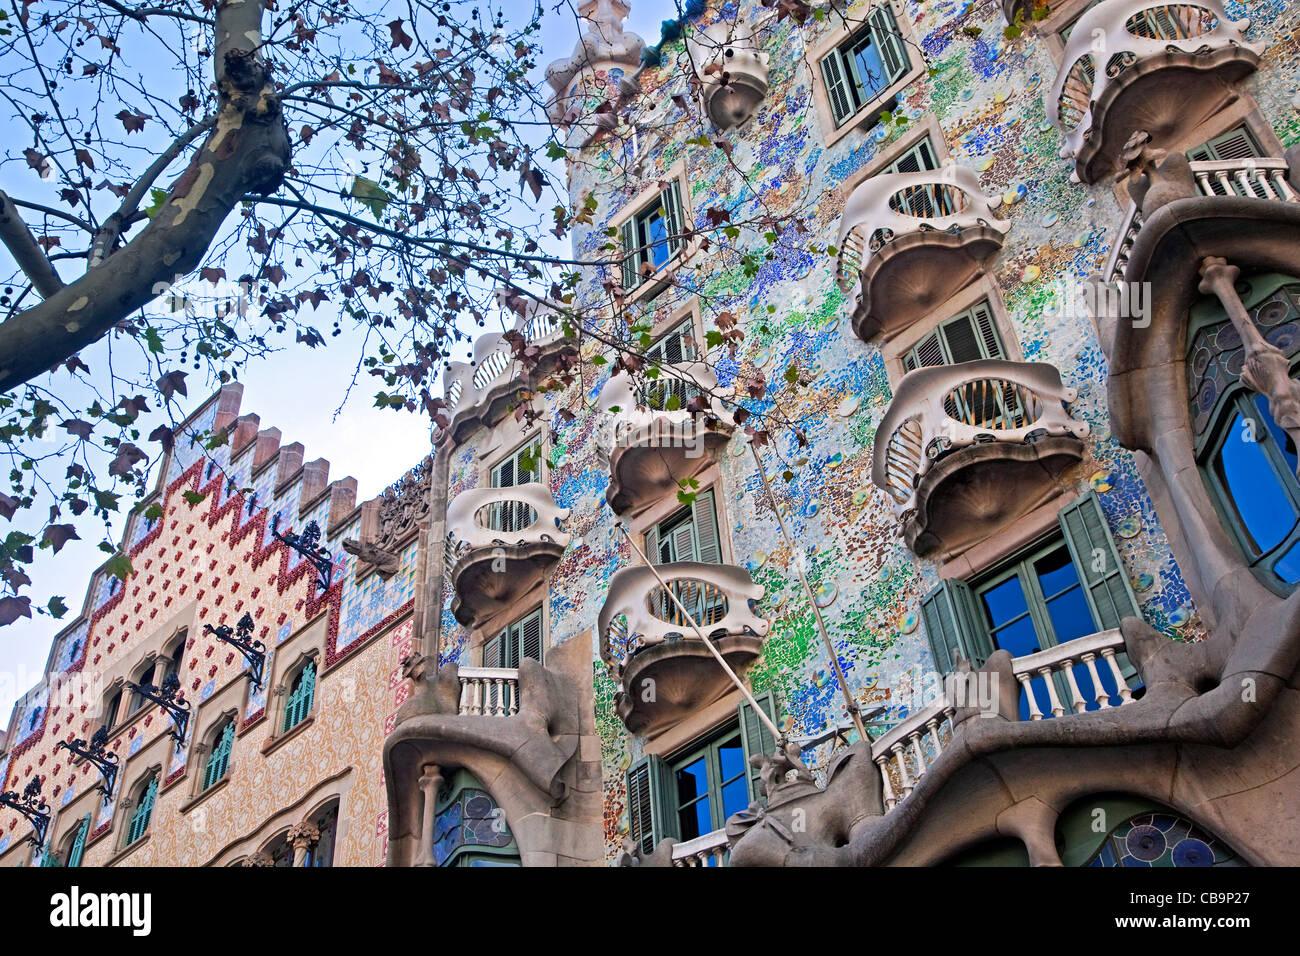 Casa Milà / La Pedrera, Gebäude, entworfen von dem katalanischen Architekten Antoni Gaudí, Barcelona, Stockbild